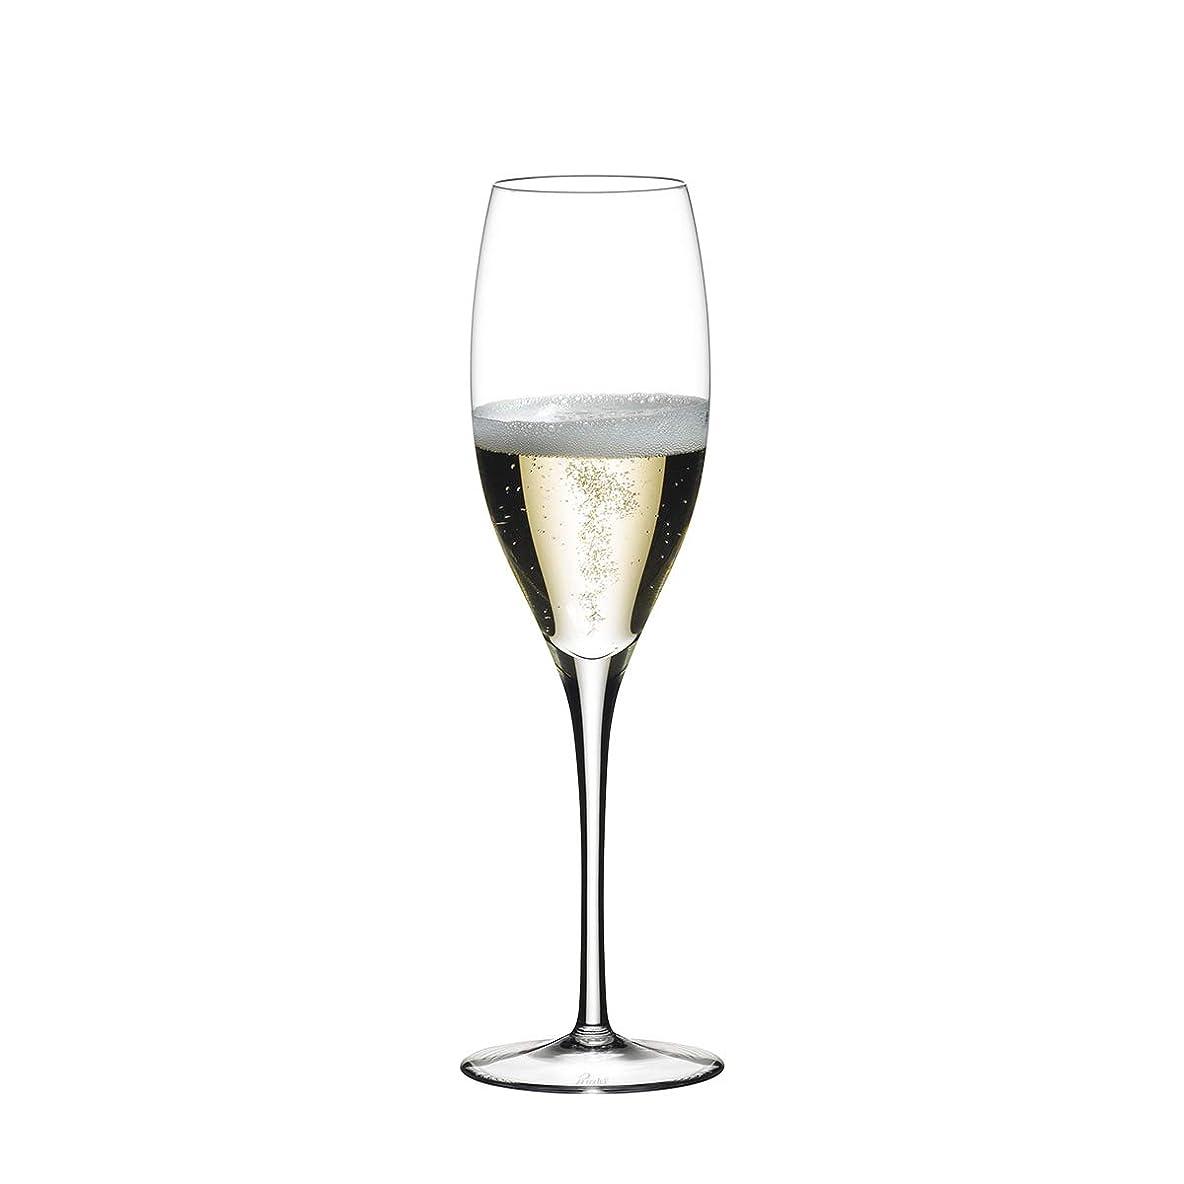 タウポ湖胸政治的[正規品] RIEDEL リーデル シャンパン グラス ソムリエ ヴィンテージ?シャンパーニュ 330ml 4400/28